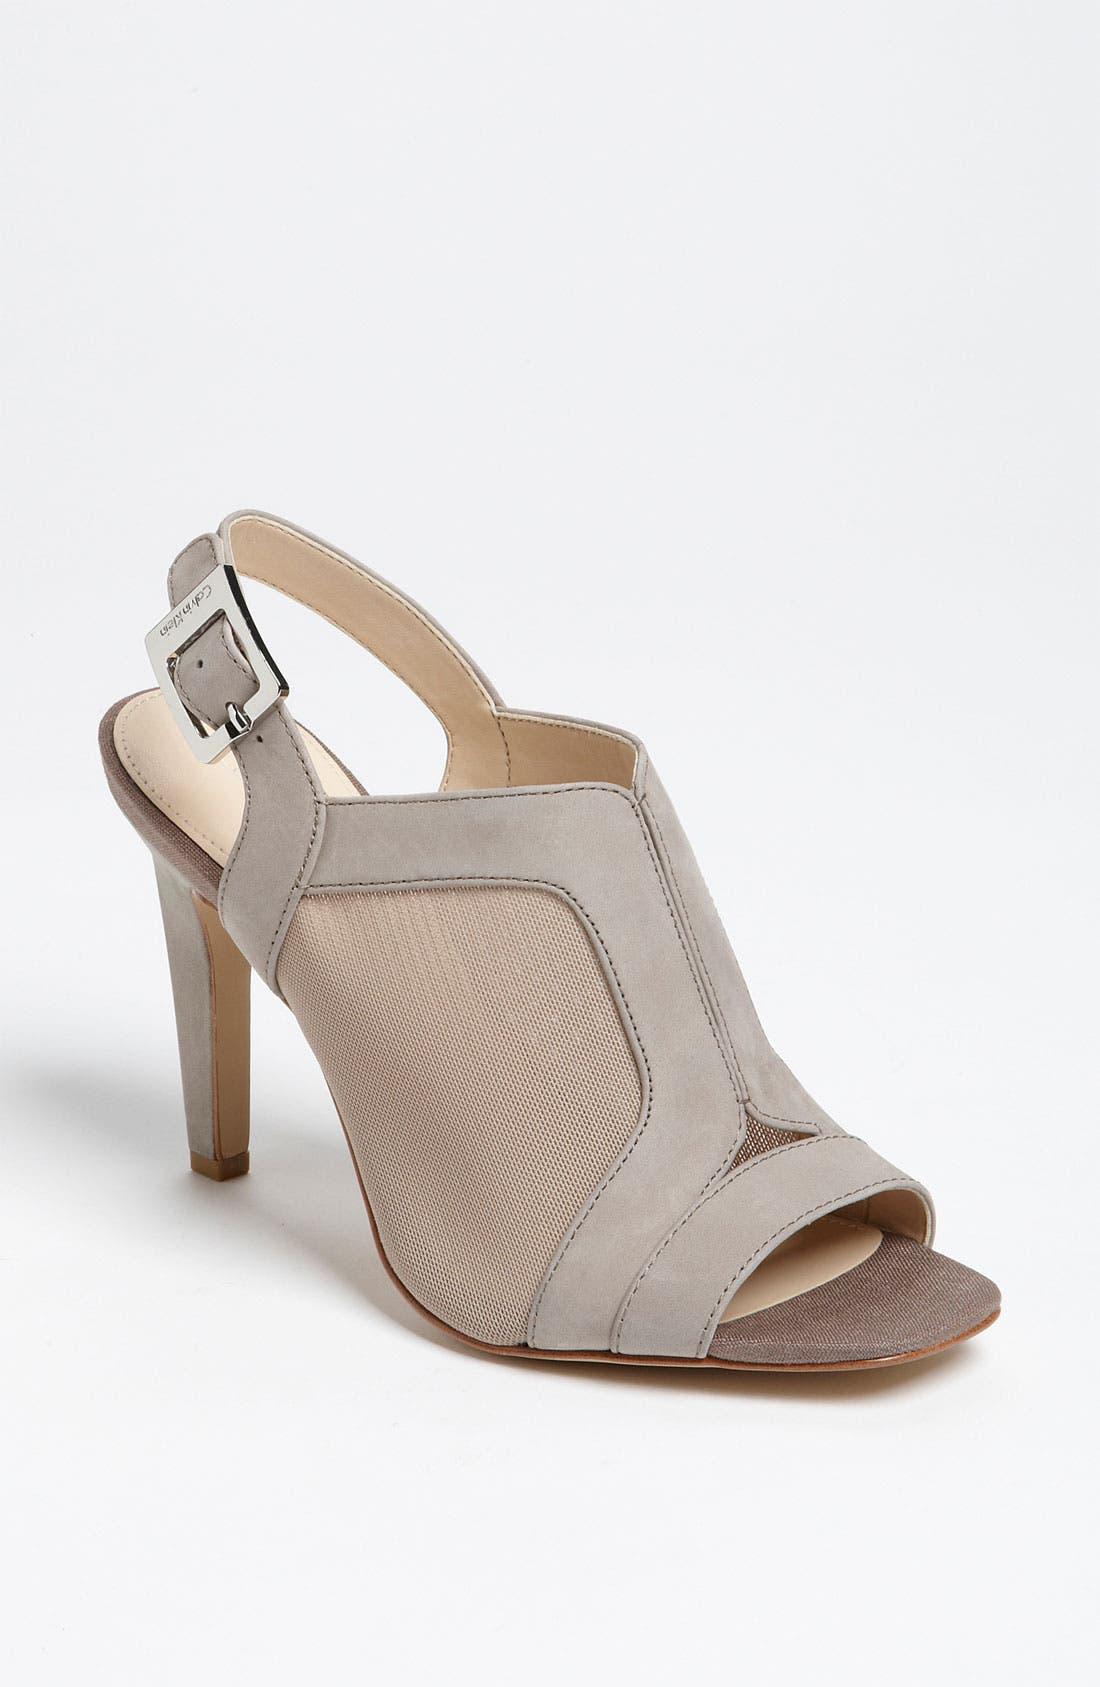 Alternate Image 1 Selected - Calvin Klein 'Lisah' Sandal